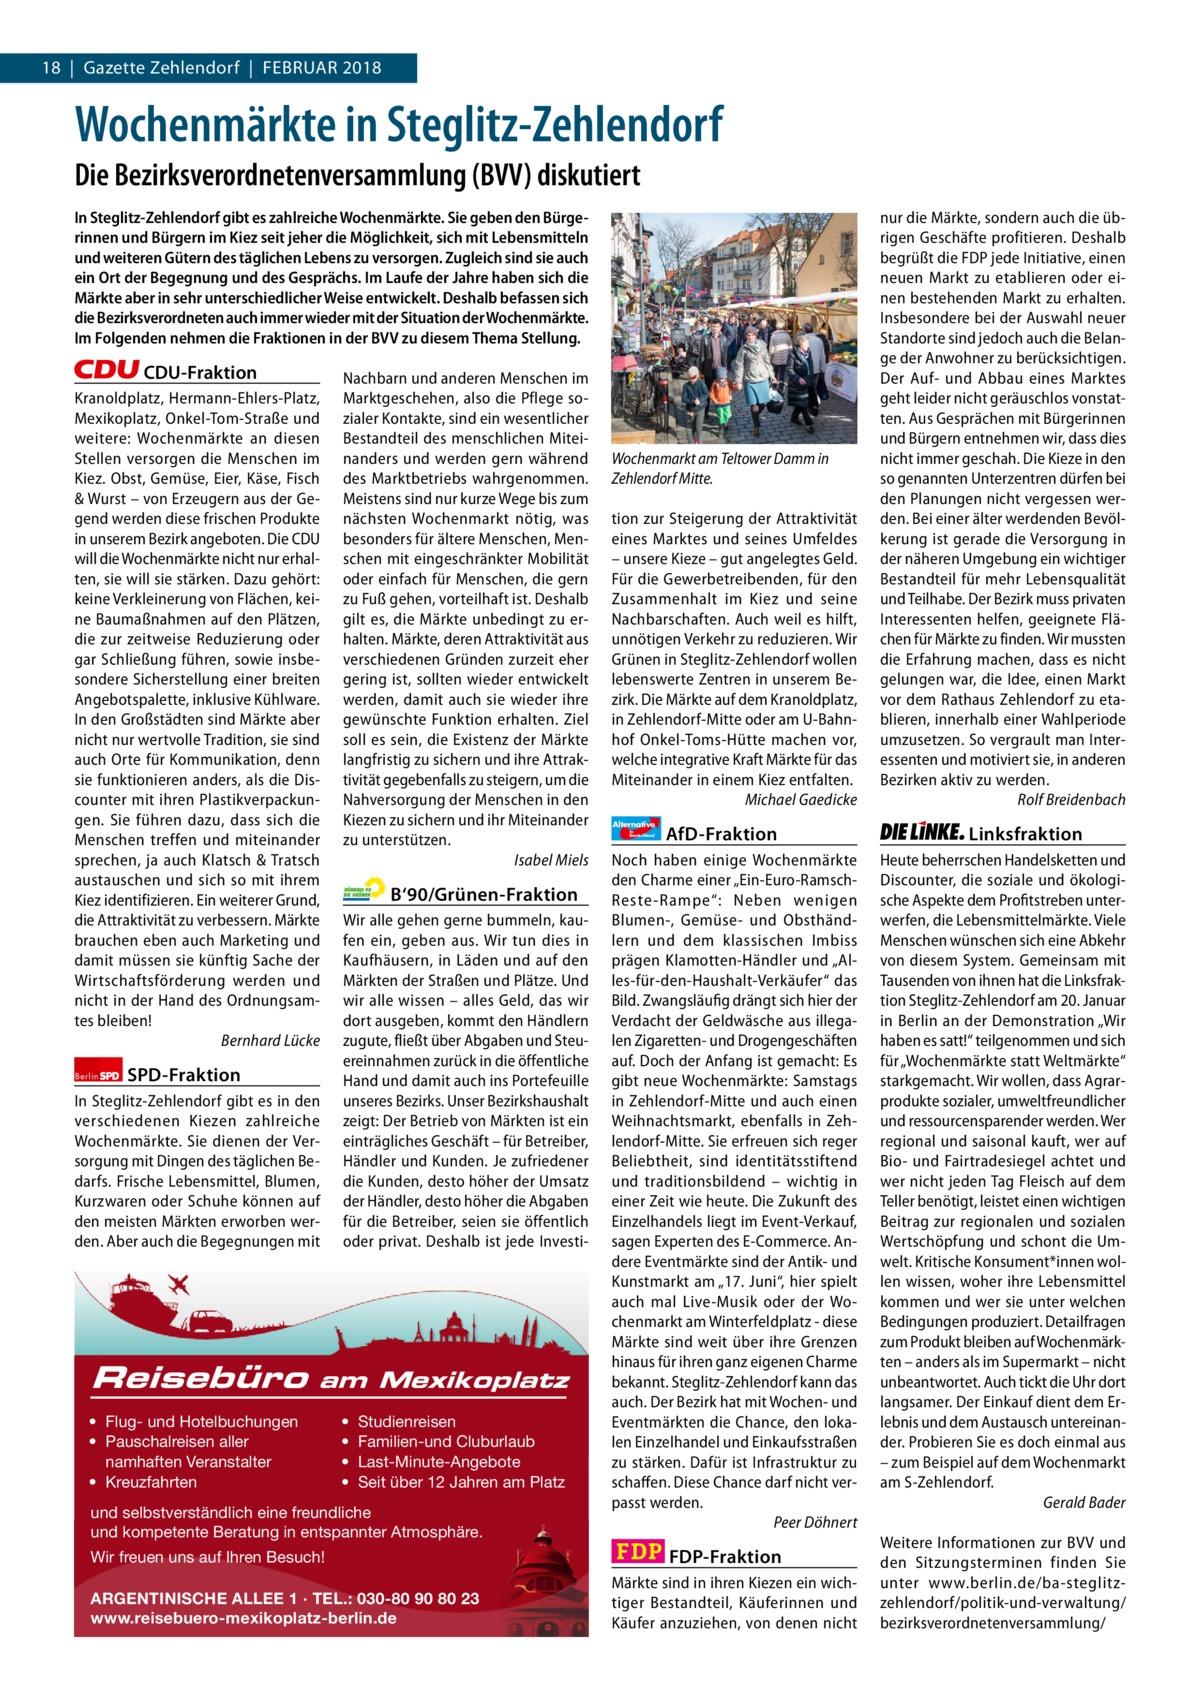 18|Gazette Zehlendorf|Februar 2018 1 | Gazette Zehlendorf | 2017  Wochenmärkte in Steglitz-Zehlendorf Die Bezirksverordnetenversammlung (BVV) diskutiert In Steglitz-Zehlendorf gibt es zahlreiche Wochenmärkte. Sie geben den Bürgerinnen und Bürgern im Kiez seit jeher die Möglichkeit, sich mit Lebensmitteln und weiteren Gütern des täglichen Lebens zu versorgen. Zugleich sind sie auch ein Ort der Begegnung und des Gesprächs. Im Laufe der Jahre haben sich die Märkte aber in sehr unterschiedlicher Weise entwickelt. Deshalb befassen sich die Bezirksverordneten auch immer wieder mit der Situation der Wochenmärkte. Im Folgenden nehmen die Fraktionen in der BVV zu diesem Thema Stellung.  CDU-Fraktion Kranoldplatz, Hermann-Ehlers-Platz, Mexikoplatz, Onkel-Tom-Straße und weitere: Wochenmärkte an diesen Stellen versorgen die Menschen im Kiez. Obst, Gemüse, Eier, Käse, Fisch & Wurst – von Erzeugern aus der Gegend werden diese frischen Produkte in unserem Bezirk angeboten. Die CDU will die Wochenmärkte nicht nur erhalten, sie will sie stärken. Dazu gehört: keine Verkleinerung von Flächen, keine Baumaßnahmen auf den Plätzen, die zur zeitweise Reduzierung oder gar Schließung führen, sowie insbesondere Sicherstellung einer breiten Angebotspalette, inklusive Kühlware. In den Großstädten sind Märkte aber nicht nur wertvolle Tradition, sie sind auch Orte für Kommunikation, denn sie funktionieren anders, als die Discounter mit ihren Plastikverpackungen. Sie führen dazu, dass sich die Menschen treffen und miteinander sprechen, ja auch Klatsch & Tratsch austauschen und sich so mit ihrem Kiez identifizieren. Ein weiterer Grund, die Attraktivität zu verbessern. Märkte brauchen eben auch Marketing und damit müssen sie künftig Sache der Wirtschaftsförderung werden und nicht in der Hand des Ordnungsamtes bleiben! Bernhard Lücke Berlin  SPD-Fraktion  In Steglitz-Zehlendorf gibt es in den verschiedenen Kiezen zahlreiche Wochenmärkte. Sie dienen der Versorgung mit Dingen des täglichen Bedarfs. Fri